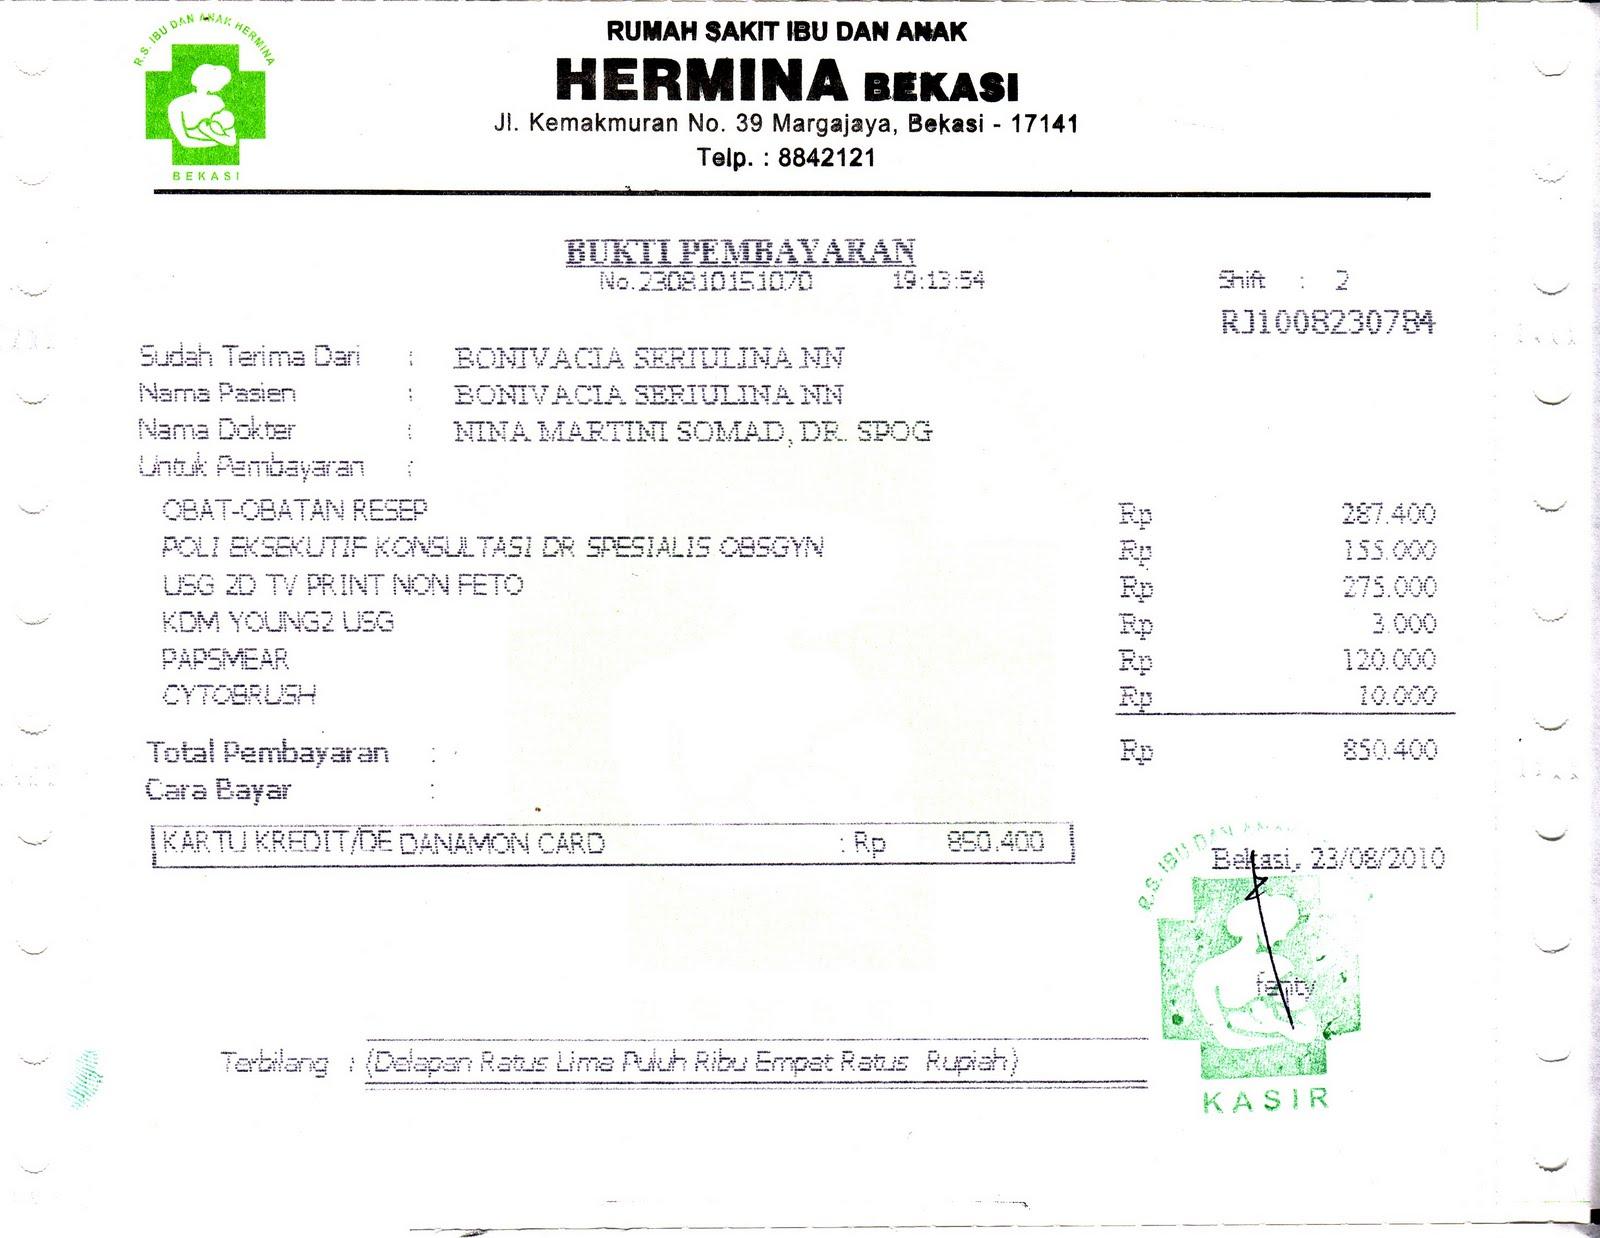 Contoh Surat Dokter Rs Hermina Surat 27